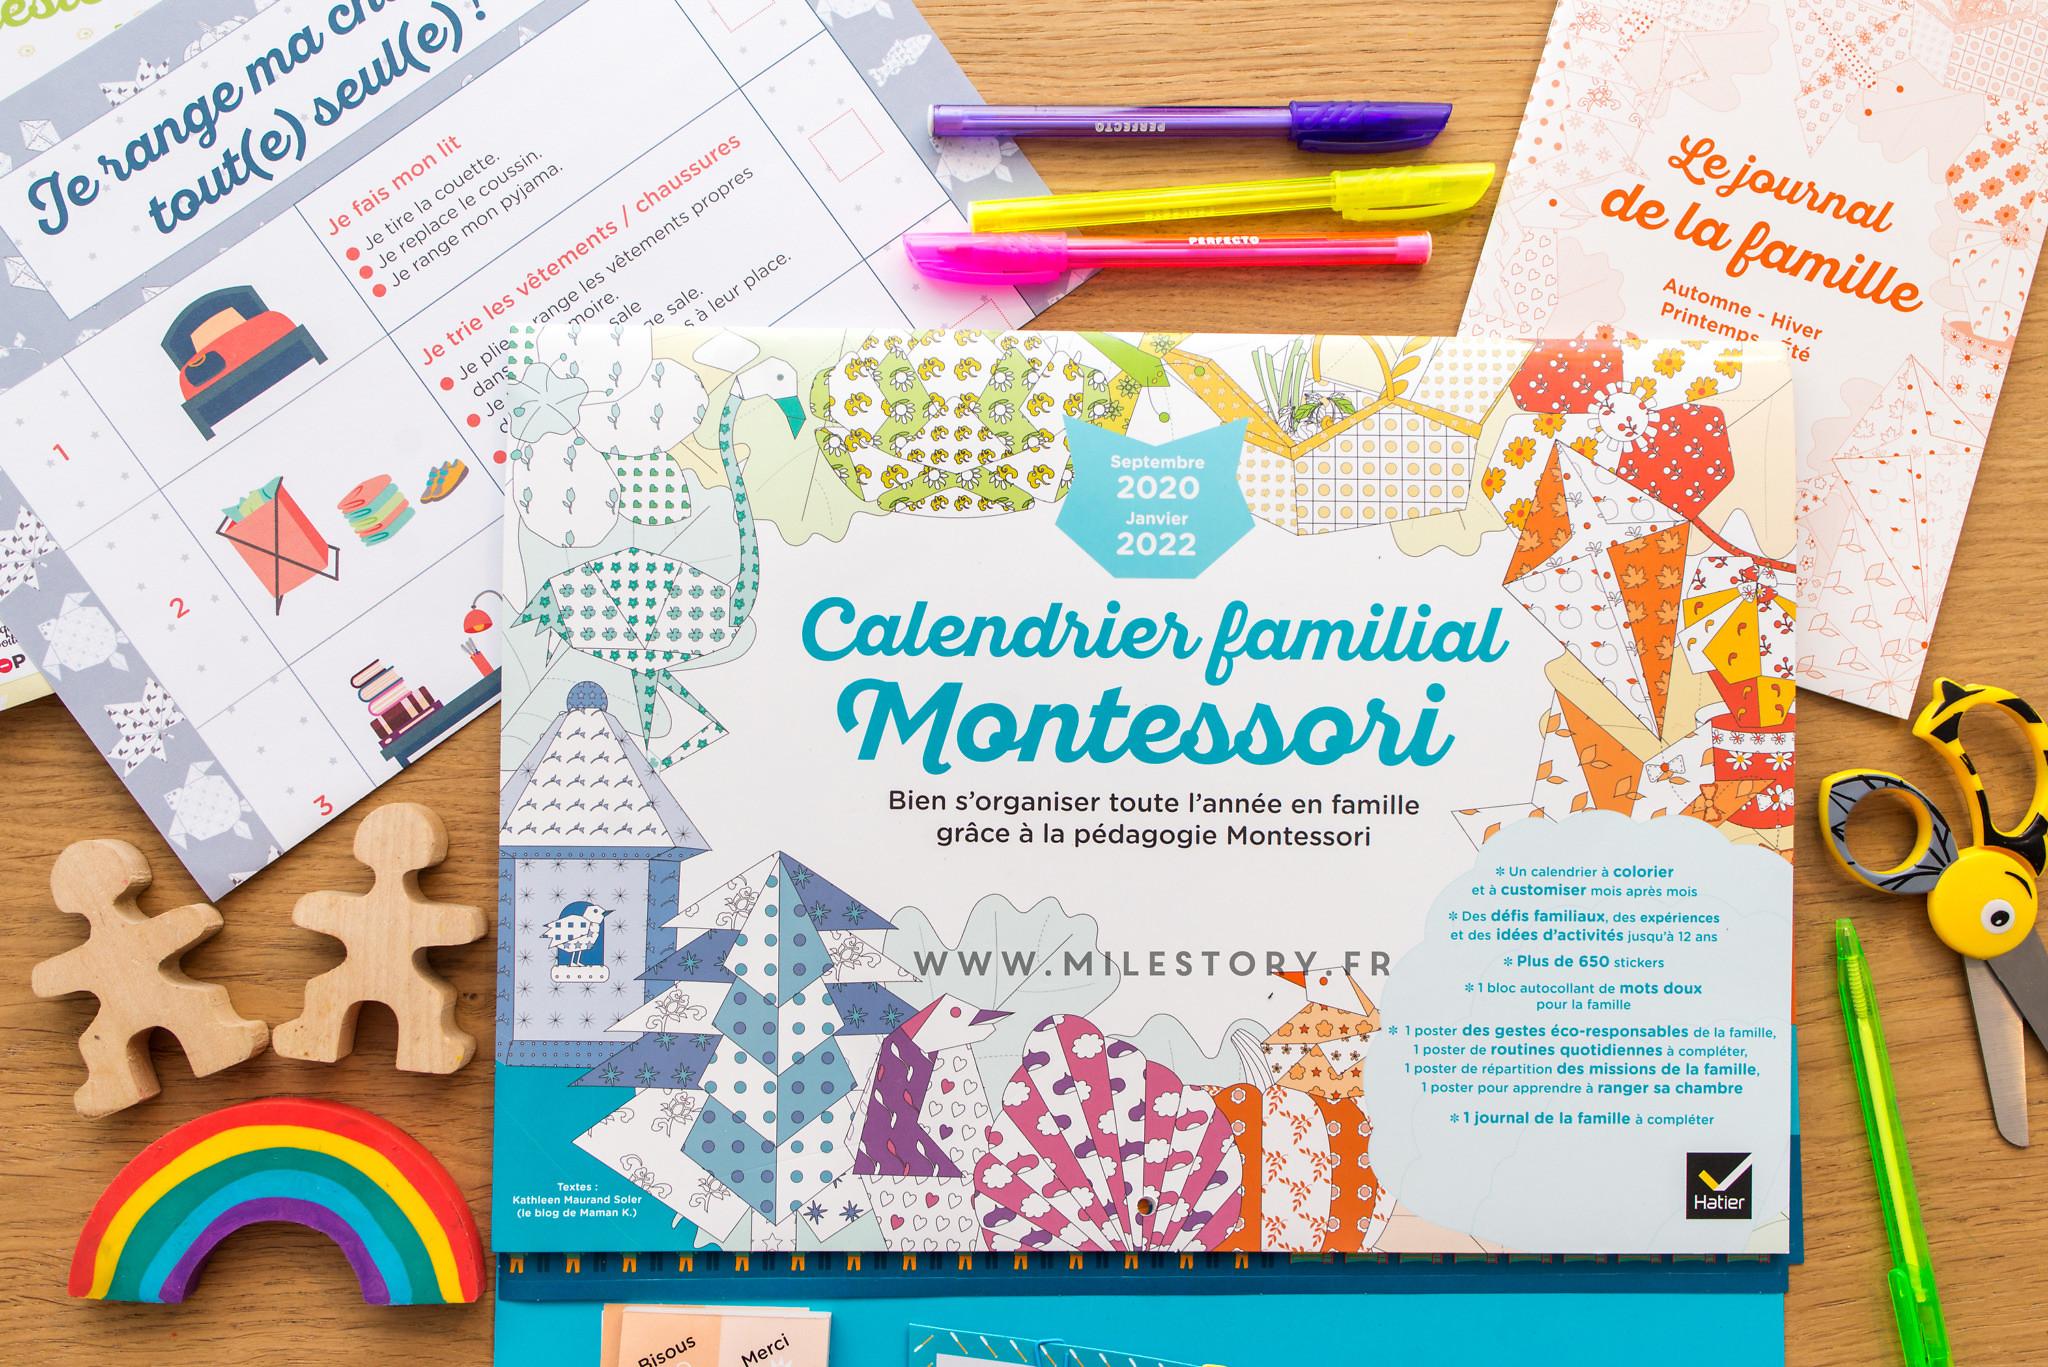 Calendrier familial Montessori 2020 2022   Milestory